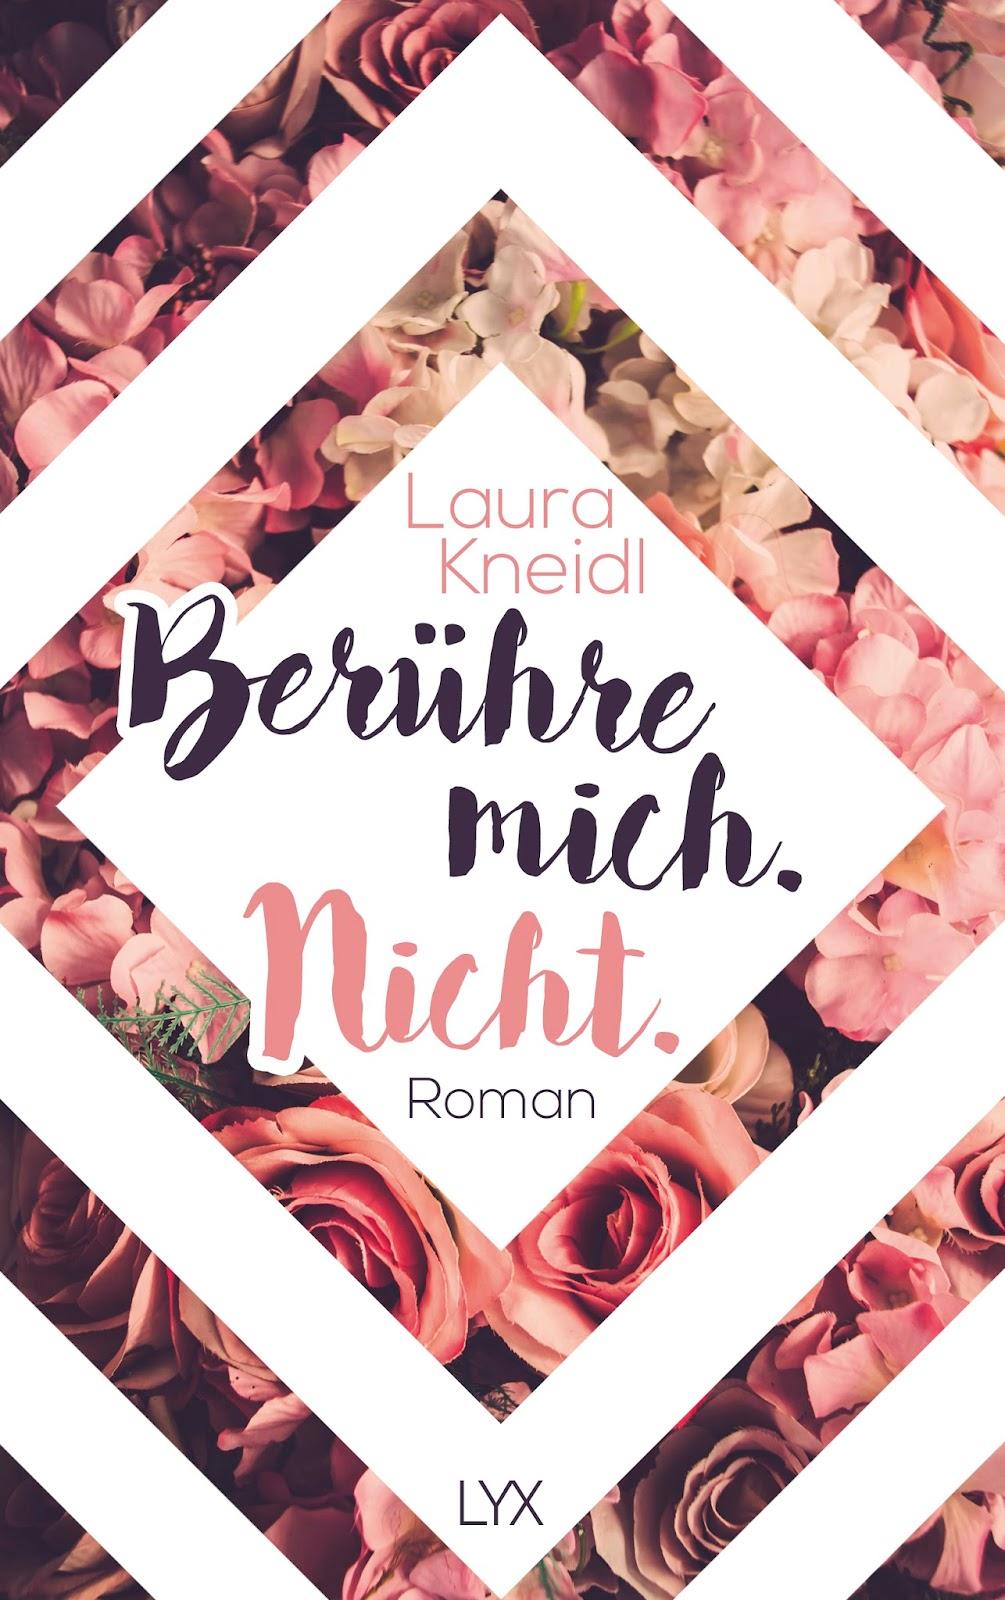 https://cubemanga.blogspot.com/2018/02/buchreview-beruhre-mich-nicht.html